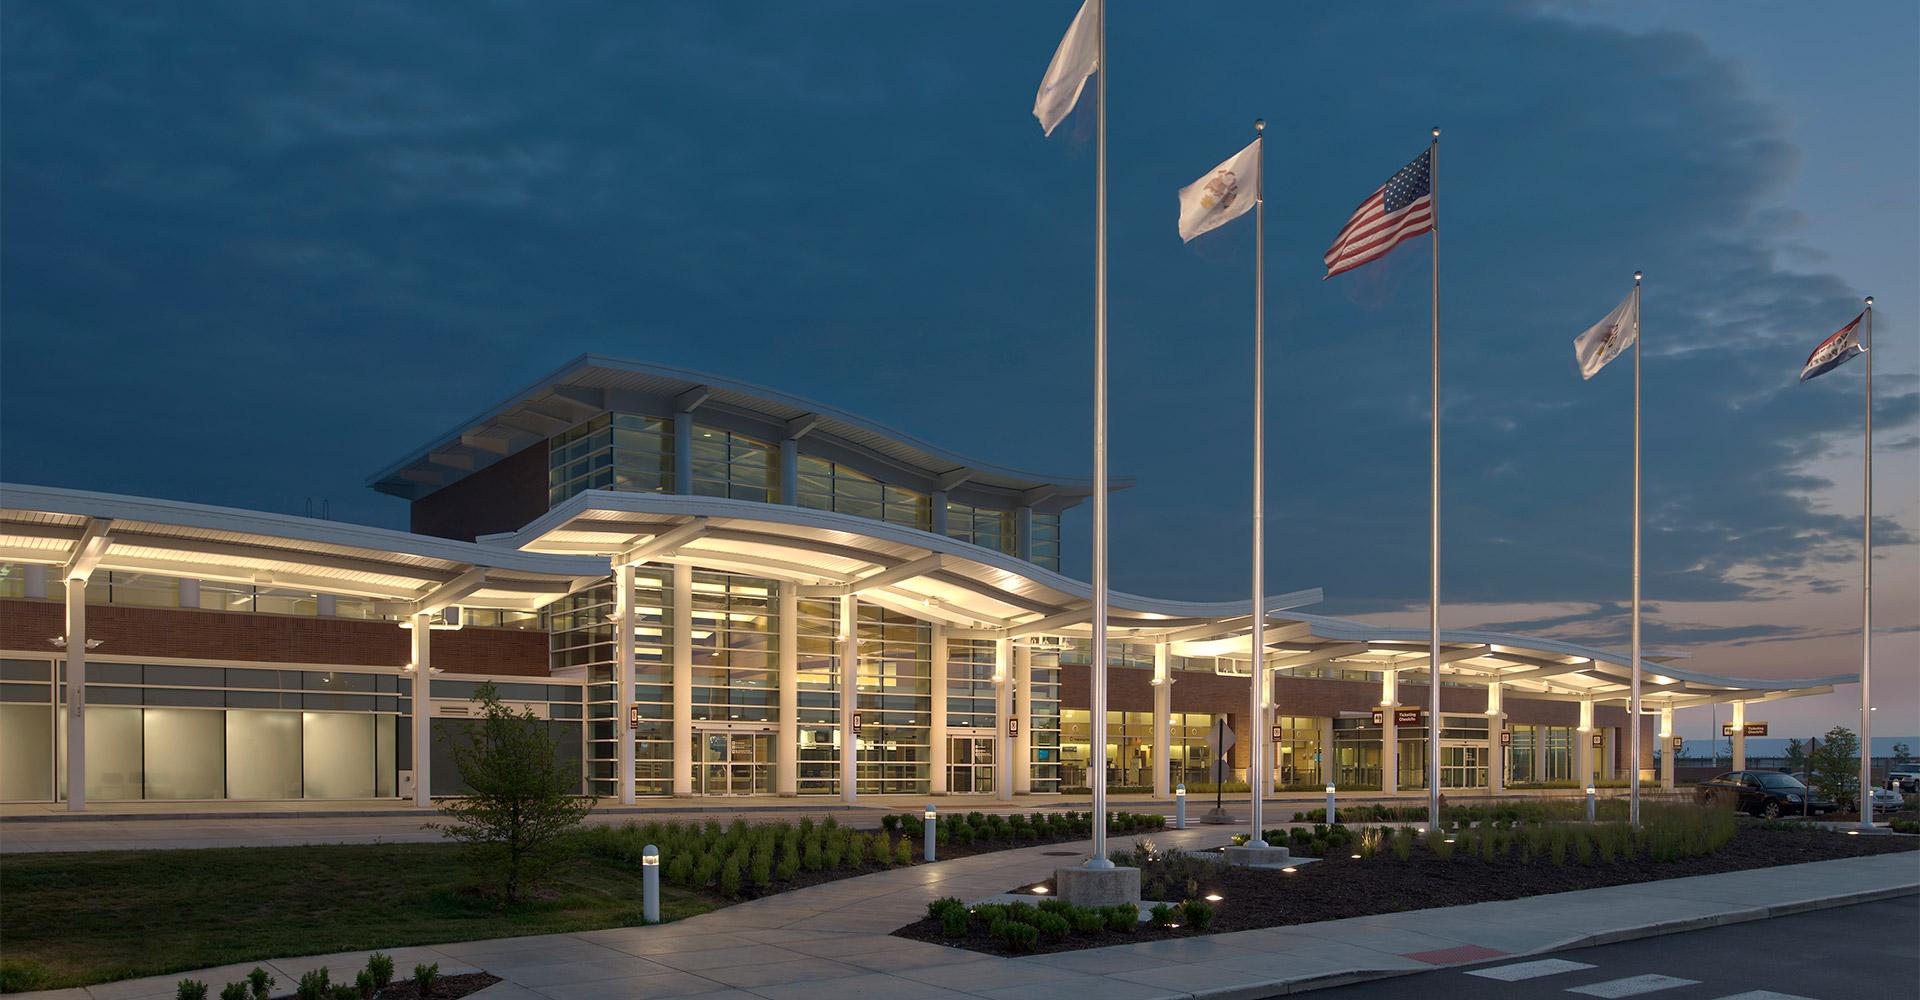 Exterior of Peoria International Airport.